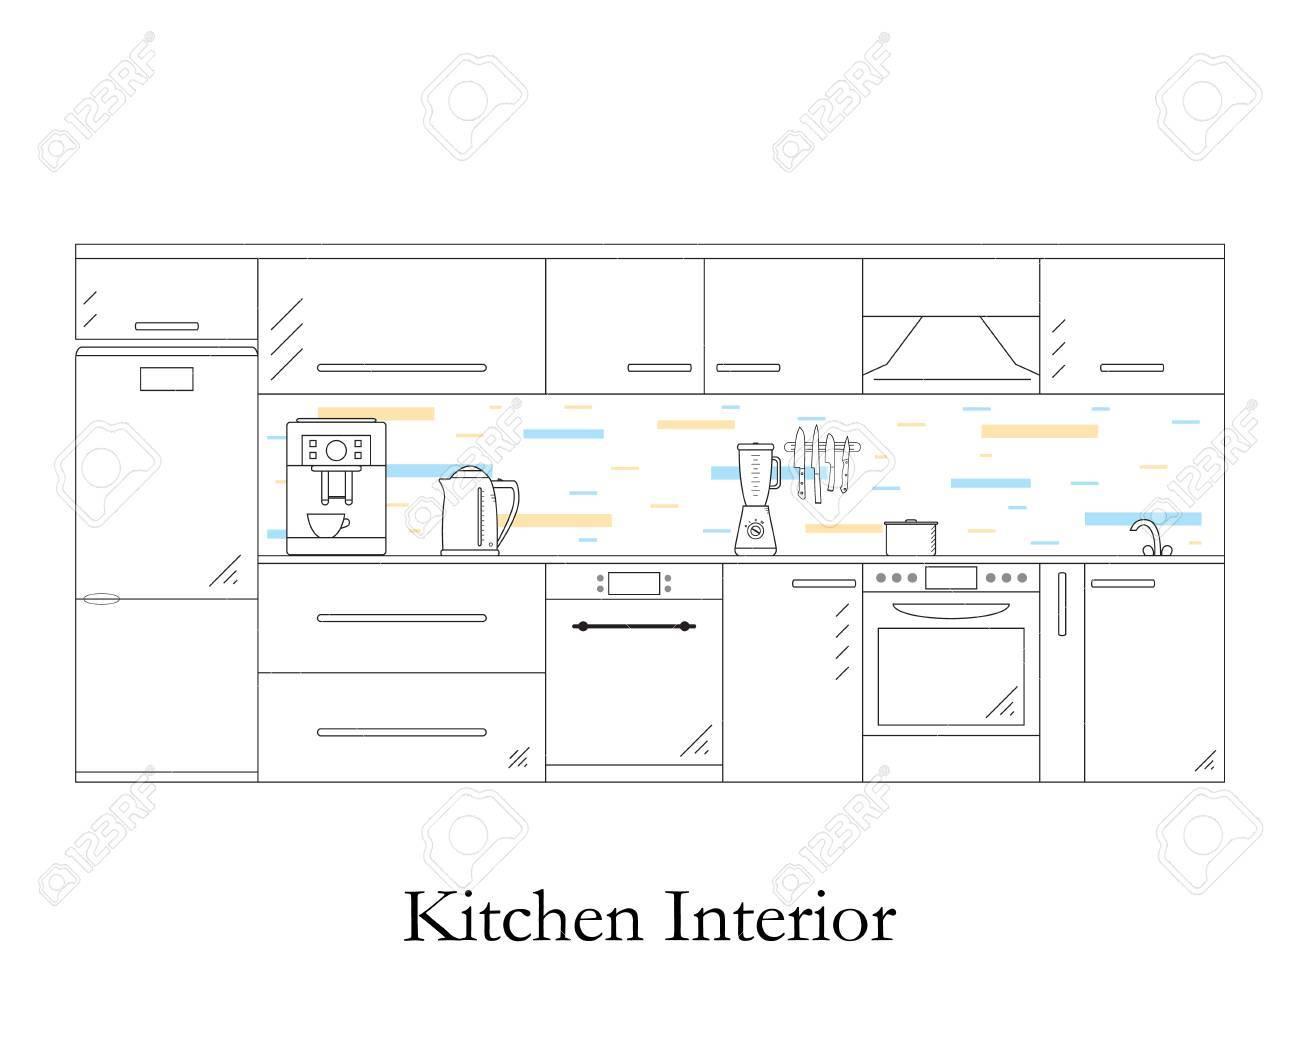 Interior de la cocina. estilo lineal. Fondo blanco. Cocina muebles de  diseño y accesorios. cafetera, hervidor de agua y una licuadora. La olla en  la ...